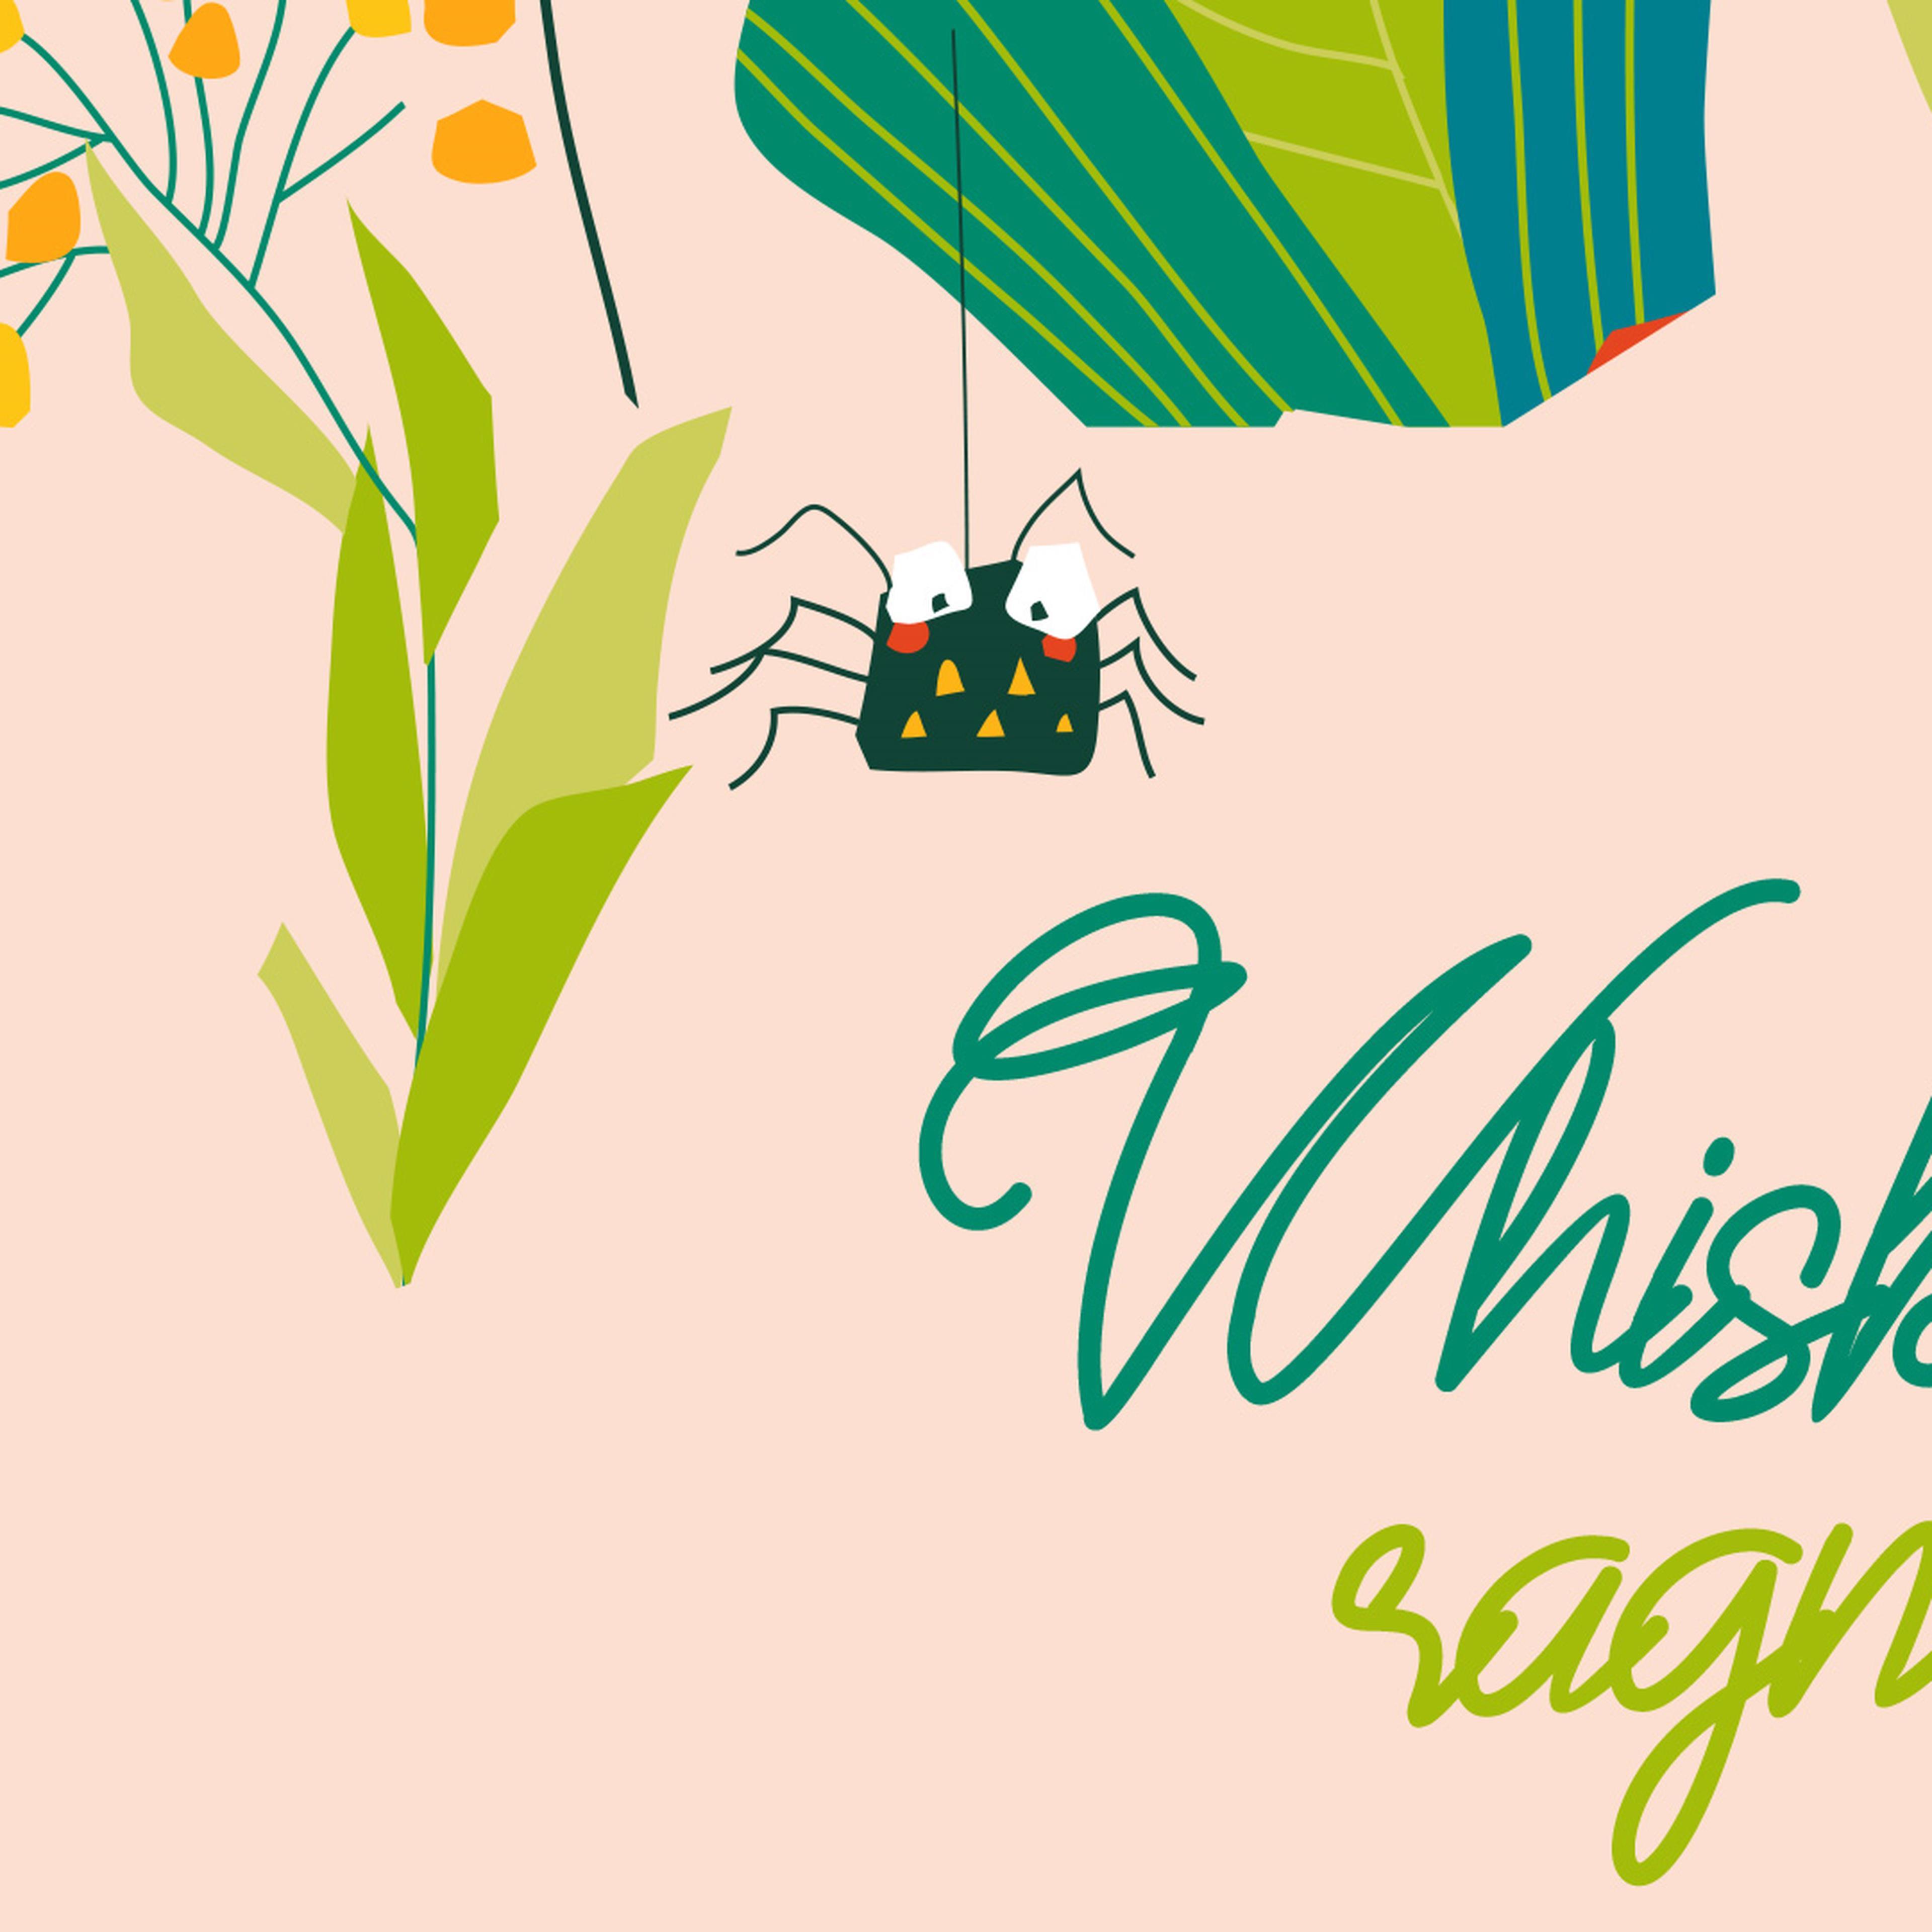 Whisky il ragnetto il testo delle versioni italiane e inglese, guarda e ascolta il video di YouTube